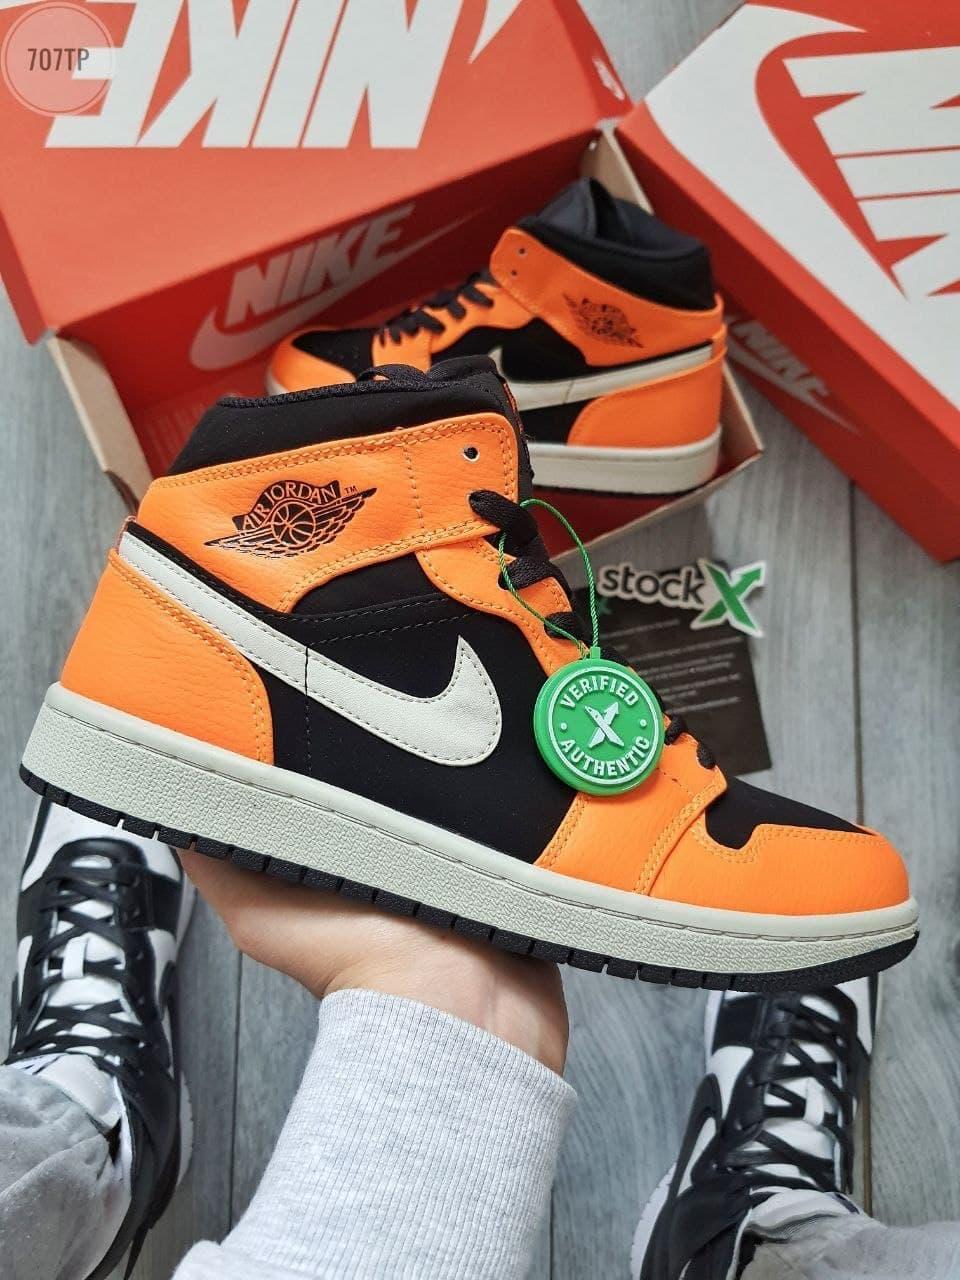 Мужские кроссовки Nike Air Jordan 1 Hight (оранжевые) 707TP крутые высокие кроссы